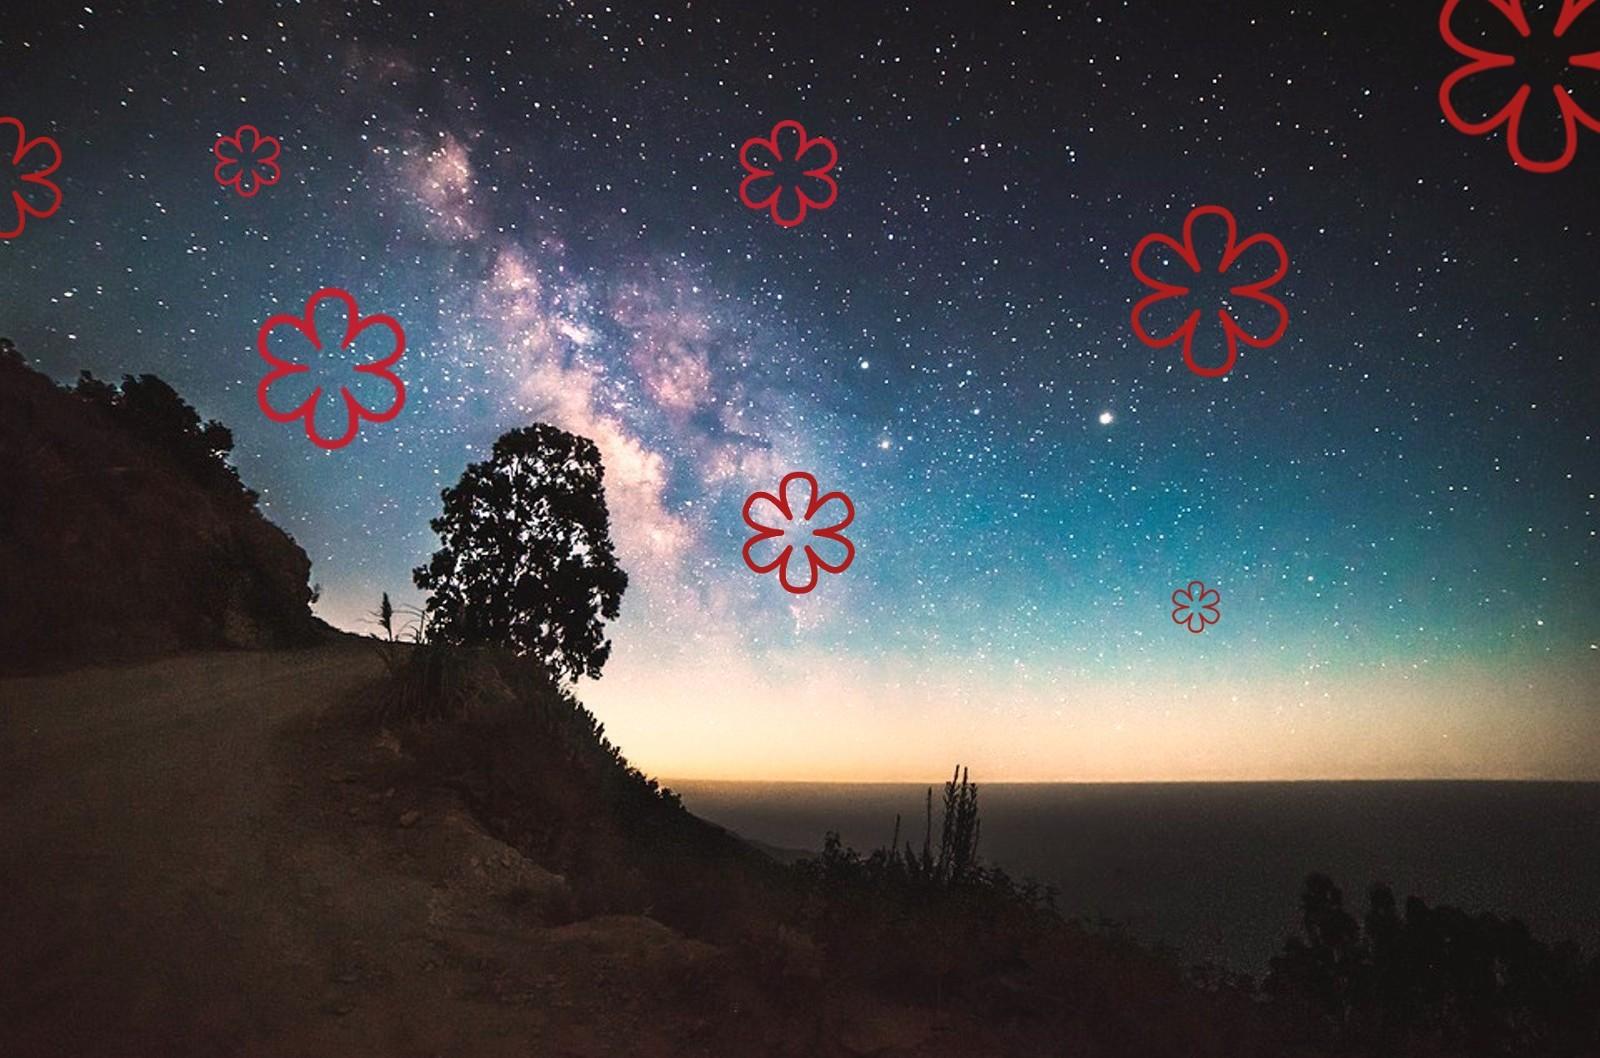 Armonia E Benessere Bagheria nel cielo del gusto siciliano brillano due nuove stelle